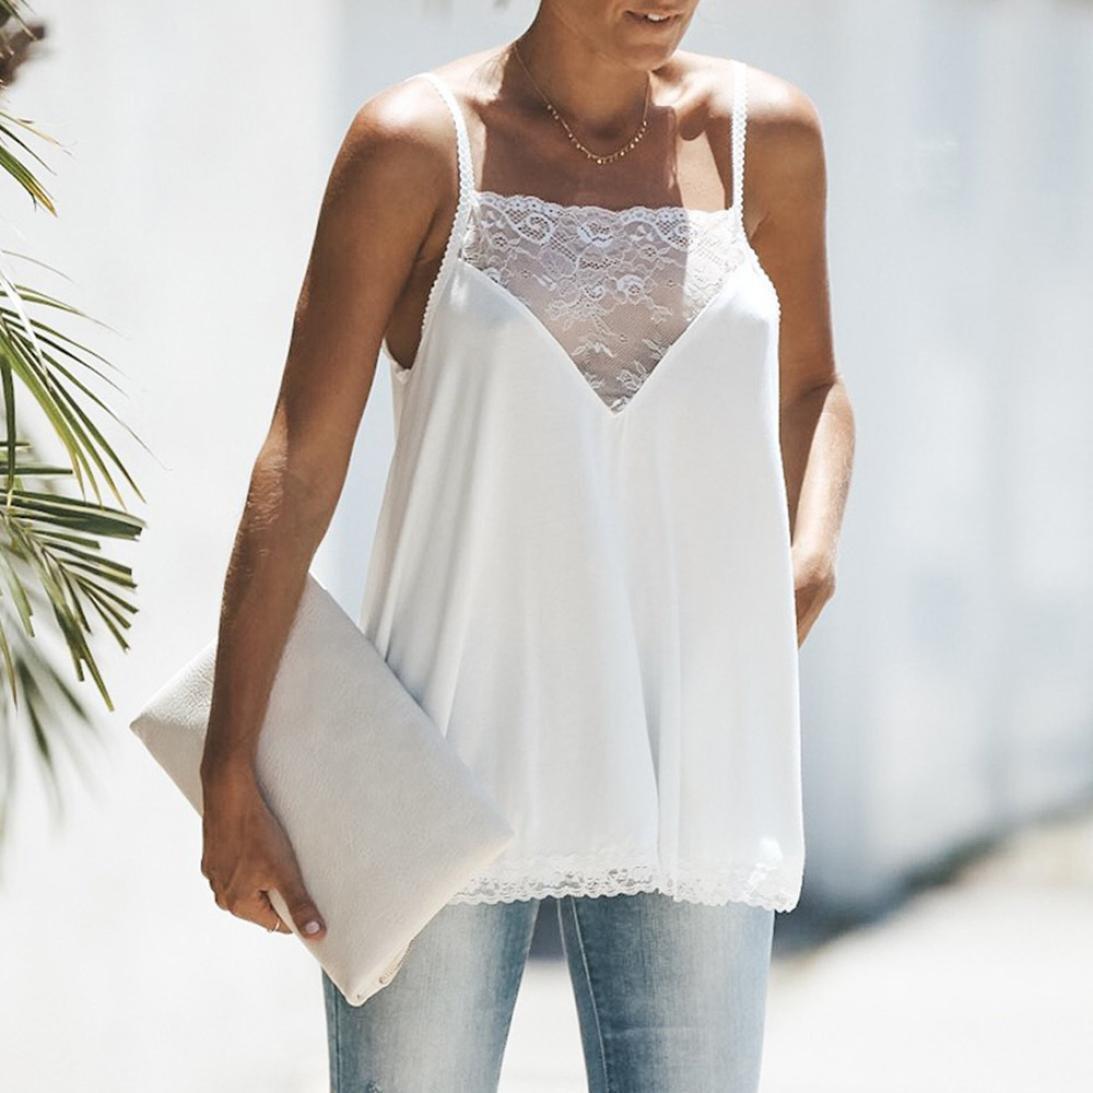 Longra Moda para mujer de encaje de algodón Sexy chaleco Camisola sin mangas camiseta Casual Tank: Amazon.es: Alimentación y bebidas